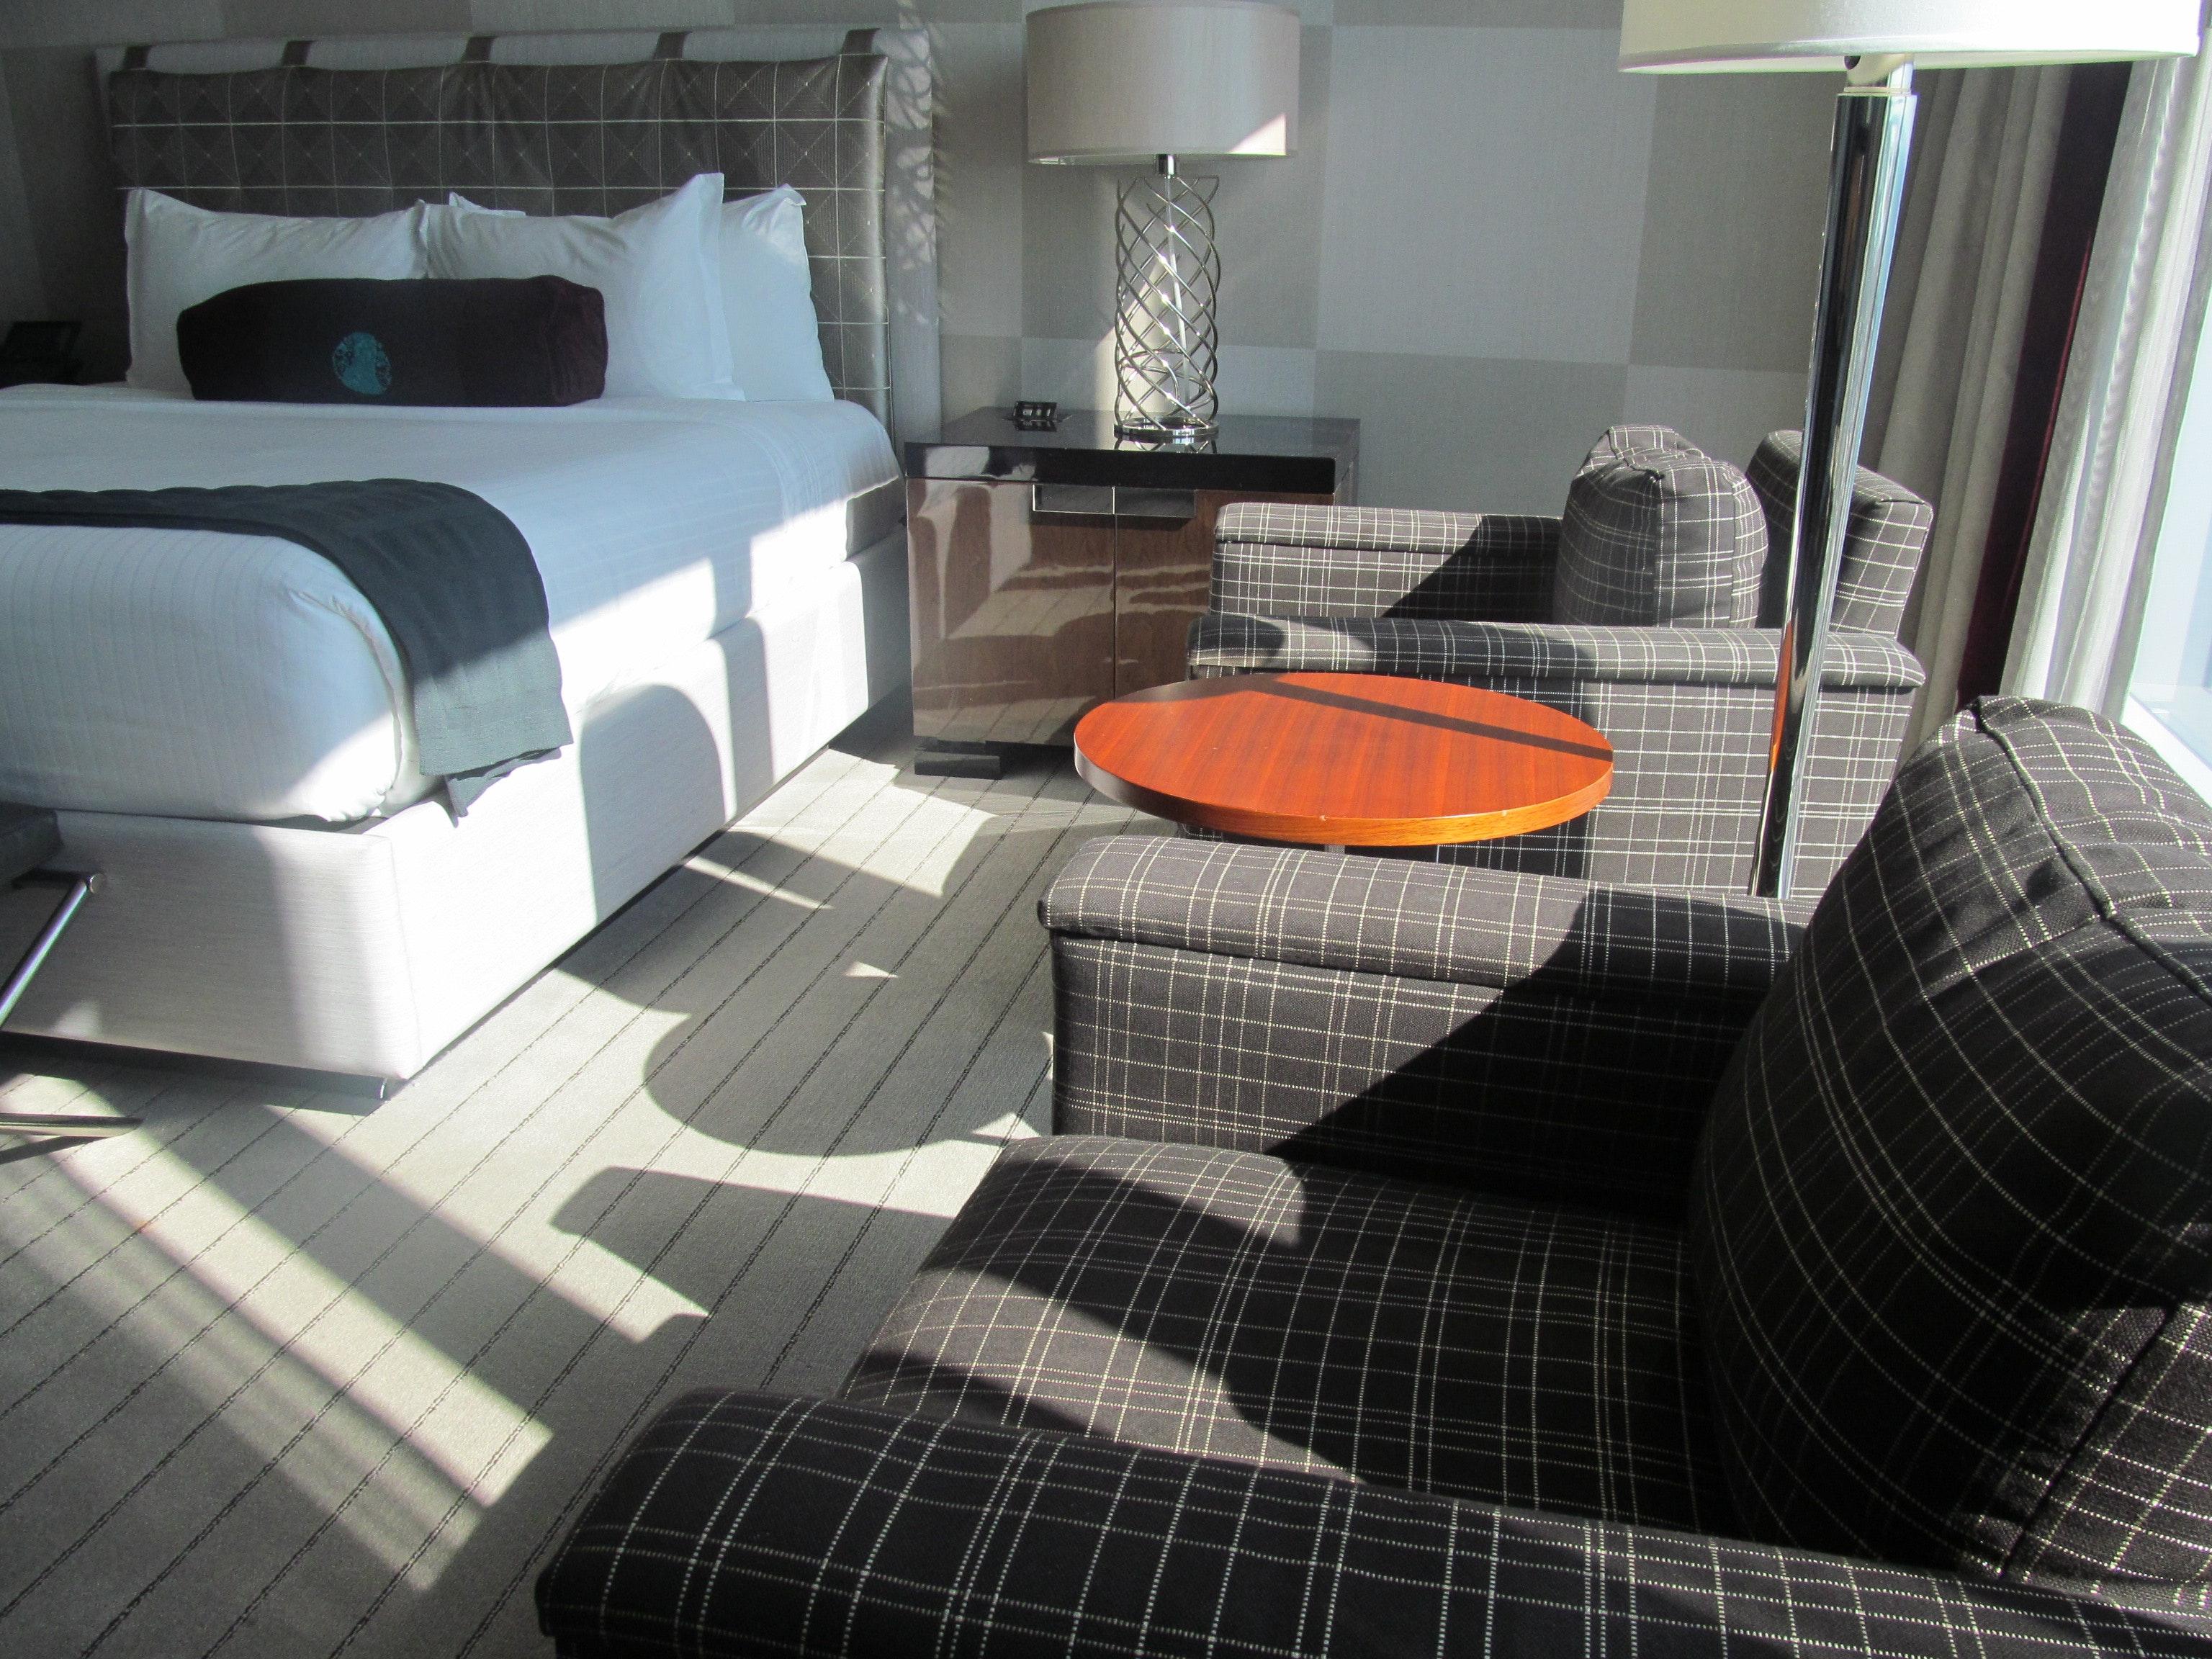 Hotel Bed Bug Attorney in Las Vegas